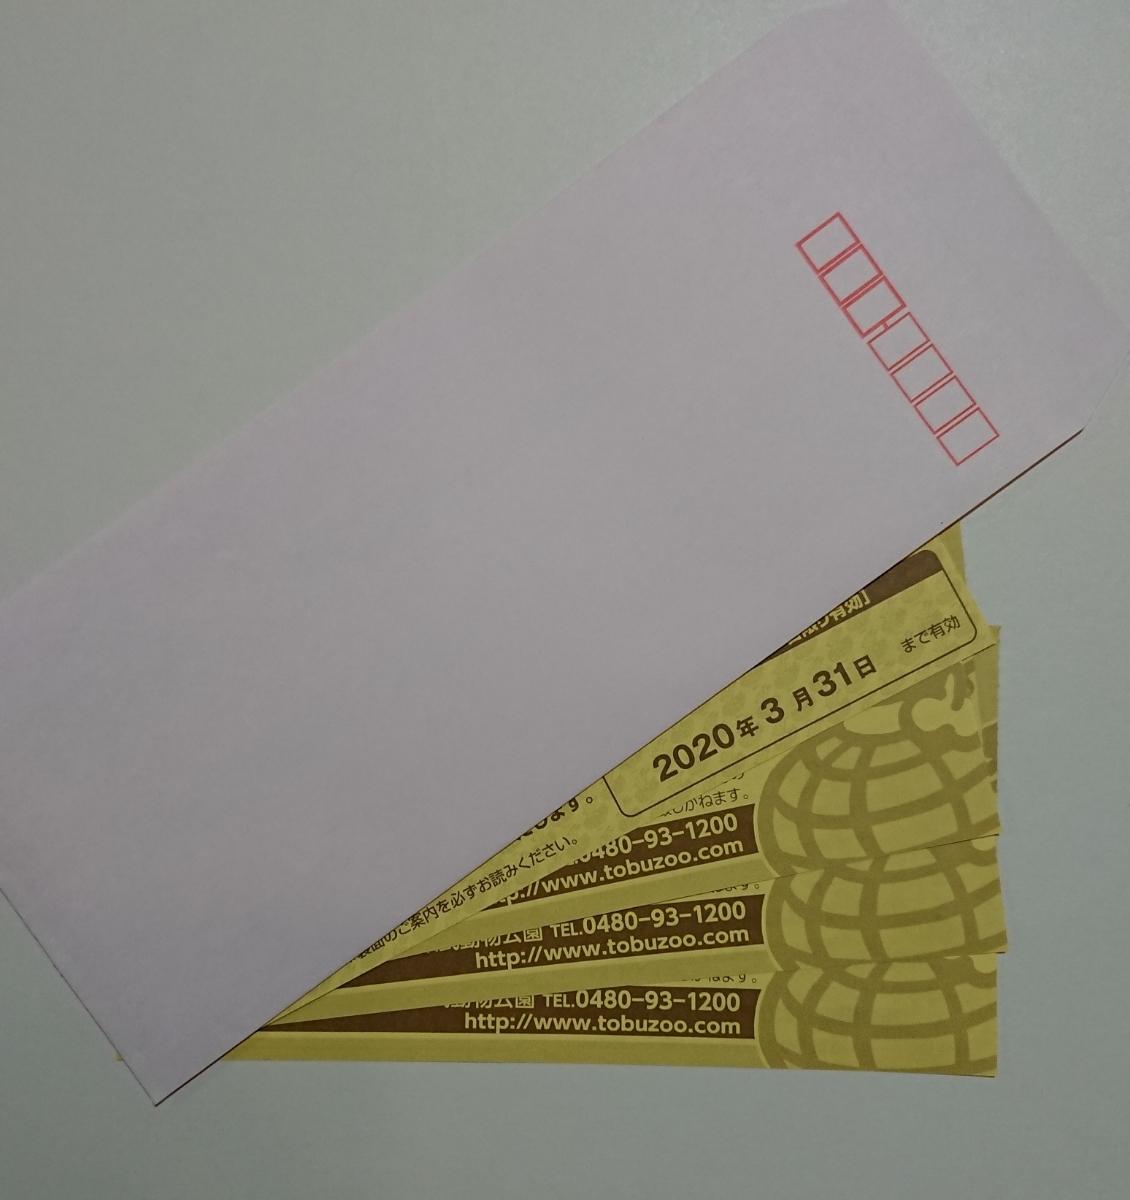 ★ゆうパケット送料込み 東武動物公園フリーパス引換券4枚セット 2020年3月31日迄 _画像2